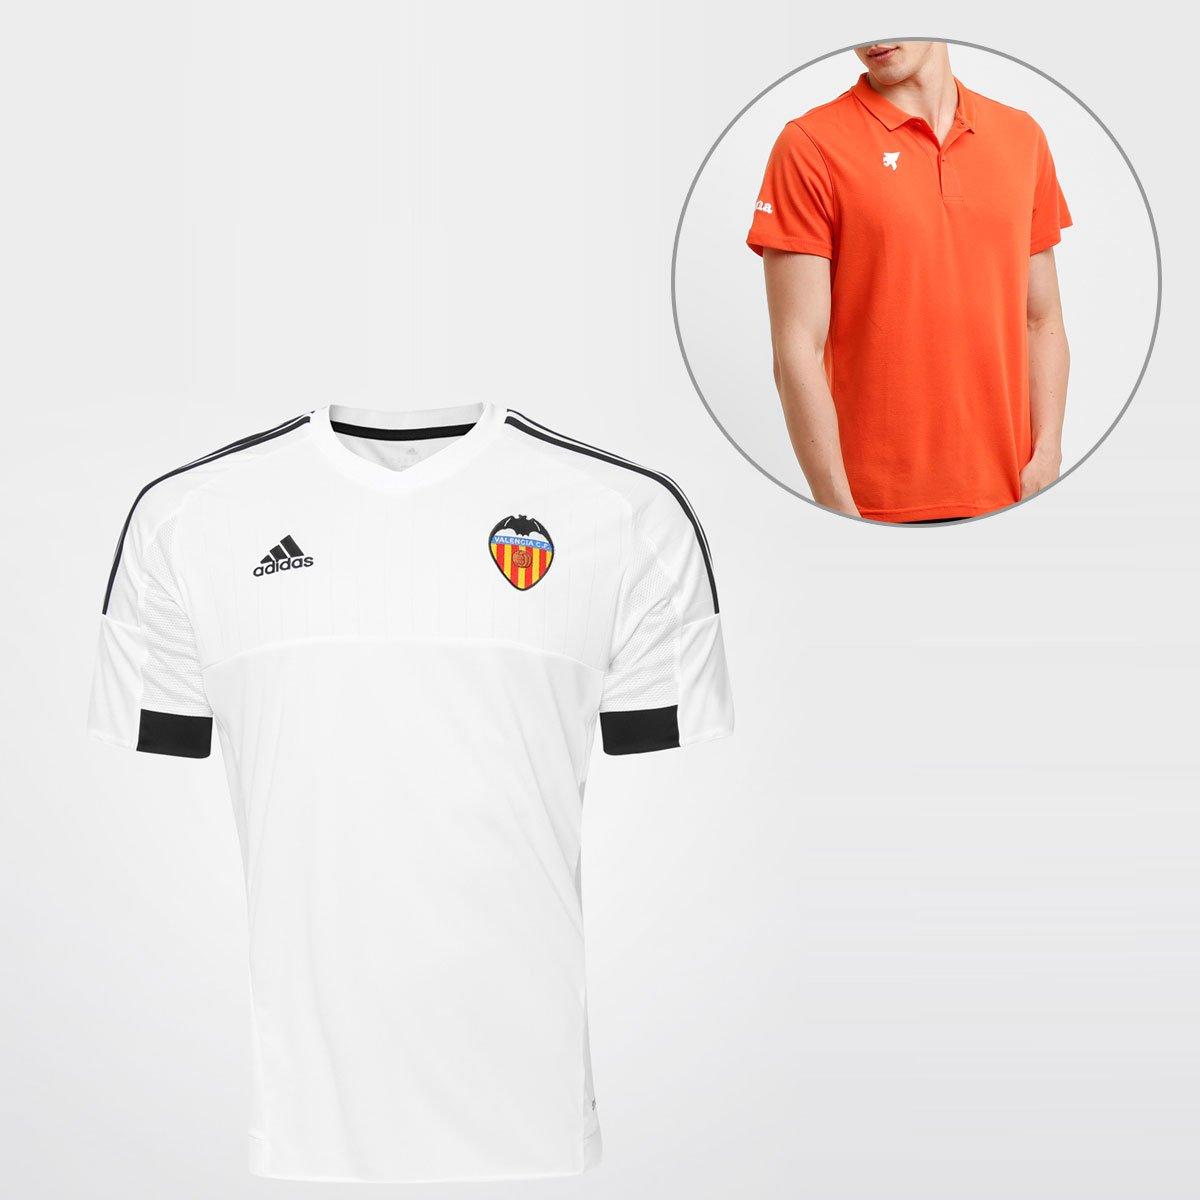 b46dc23e12 Camisa Adidas Valencia Home 2016 s nº + Camisa Polo Joma - Compre Agora